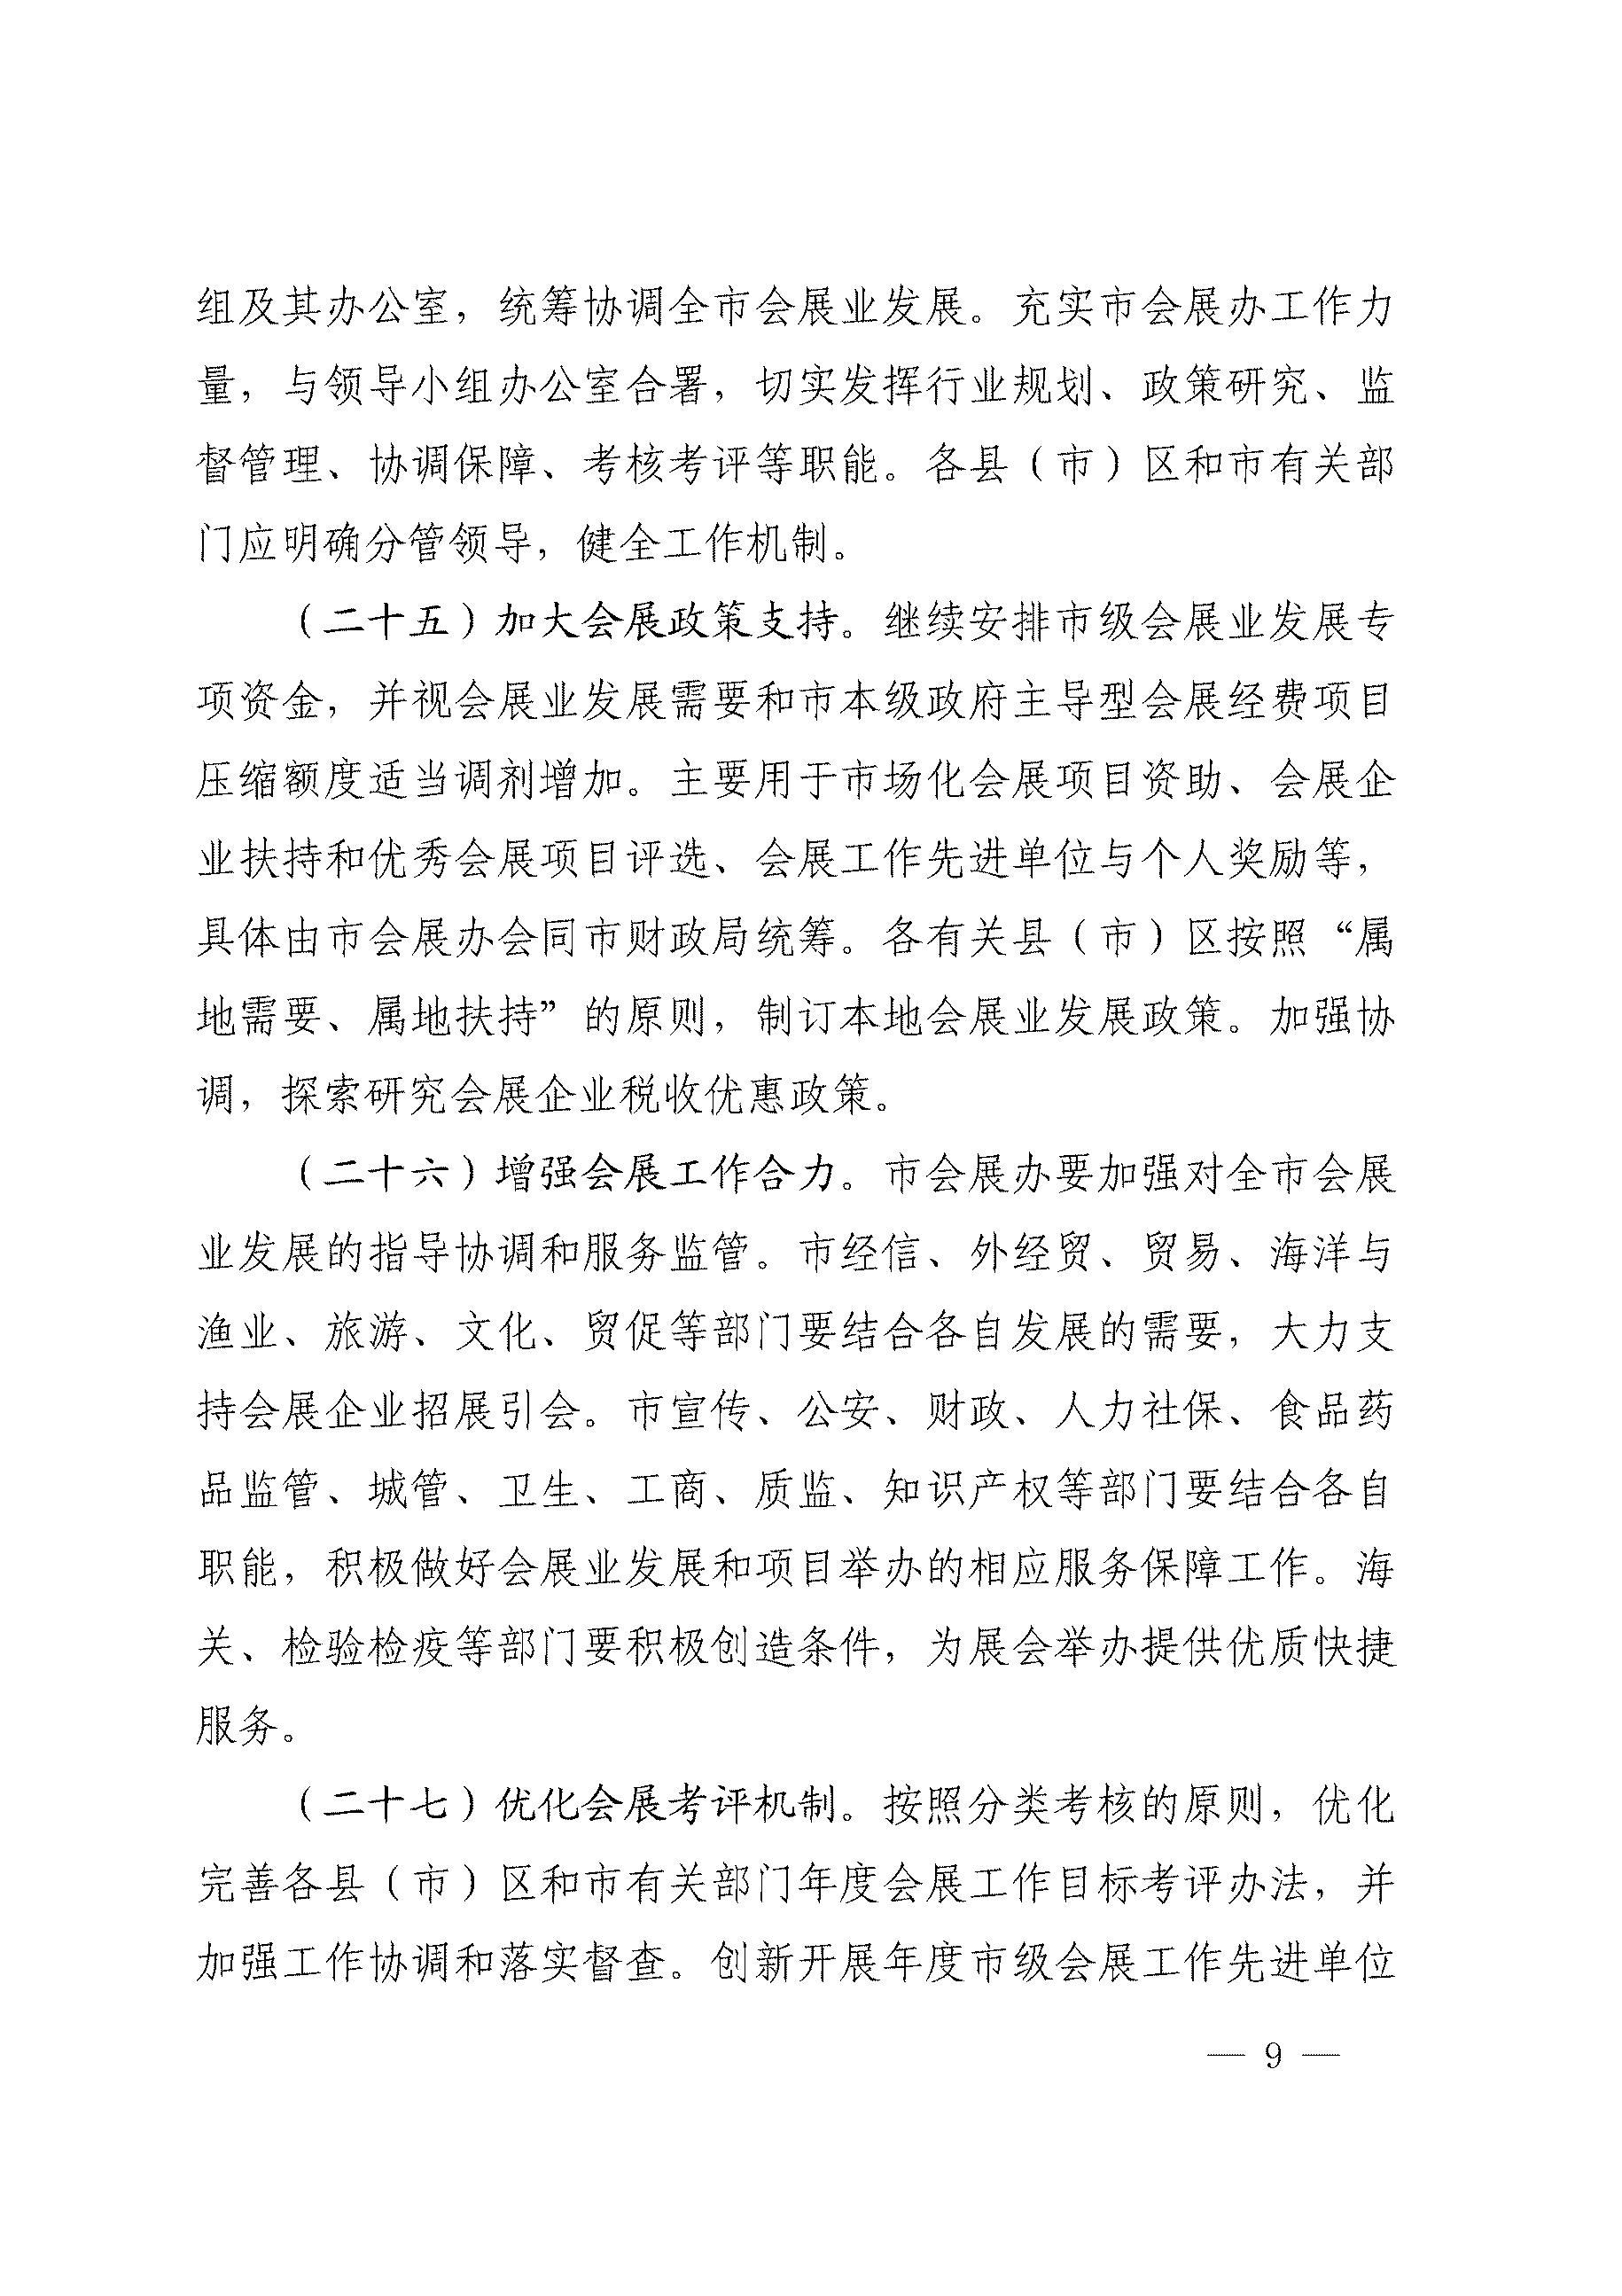 【新】博猫登录网址市人民政府关于进一步推进区域性国际会展之都建设的若干意见_p09.jpg